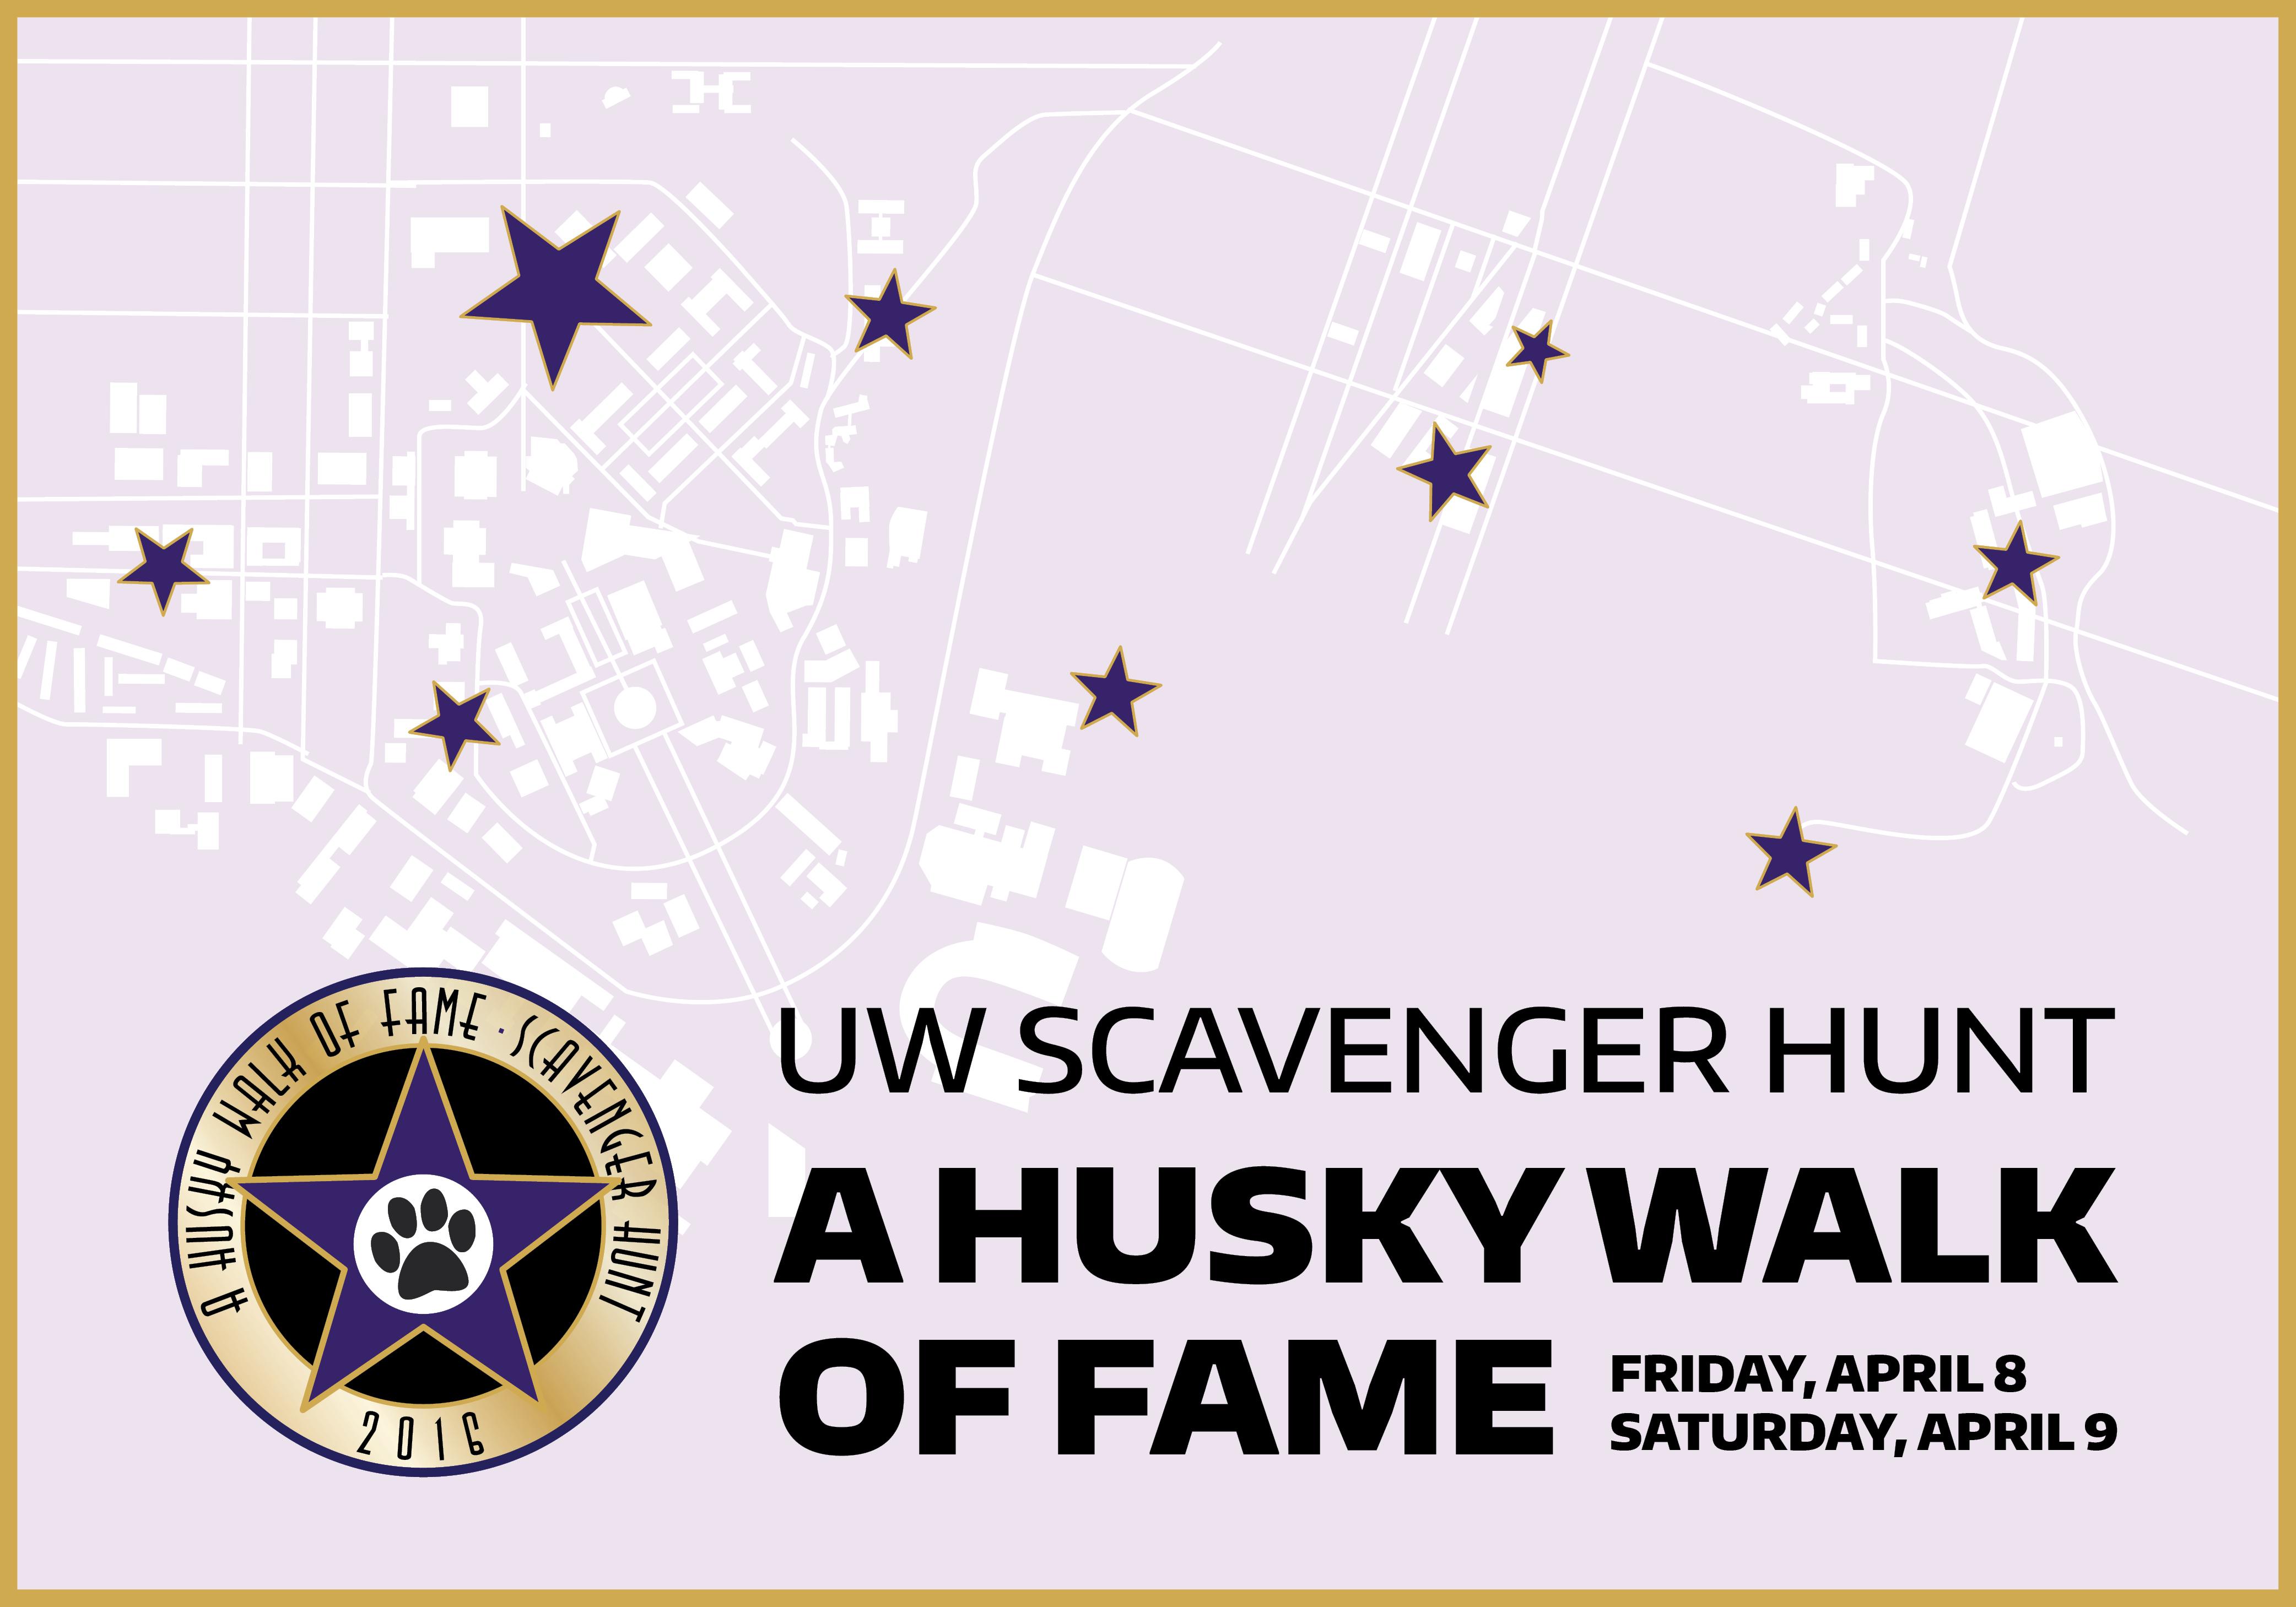 UW Scavenger Hunt 2016